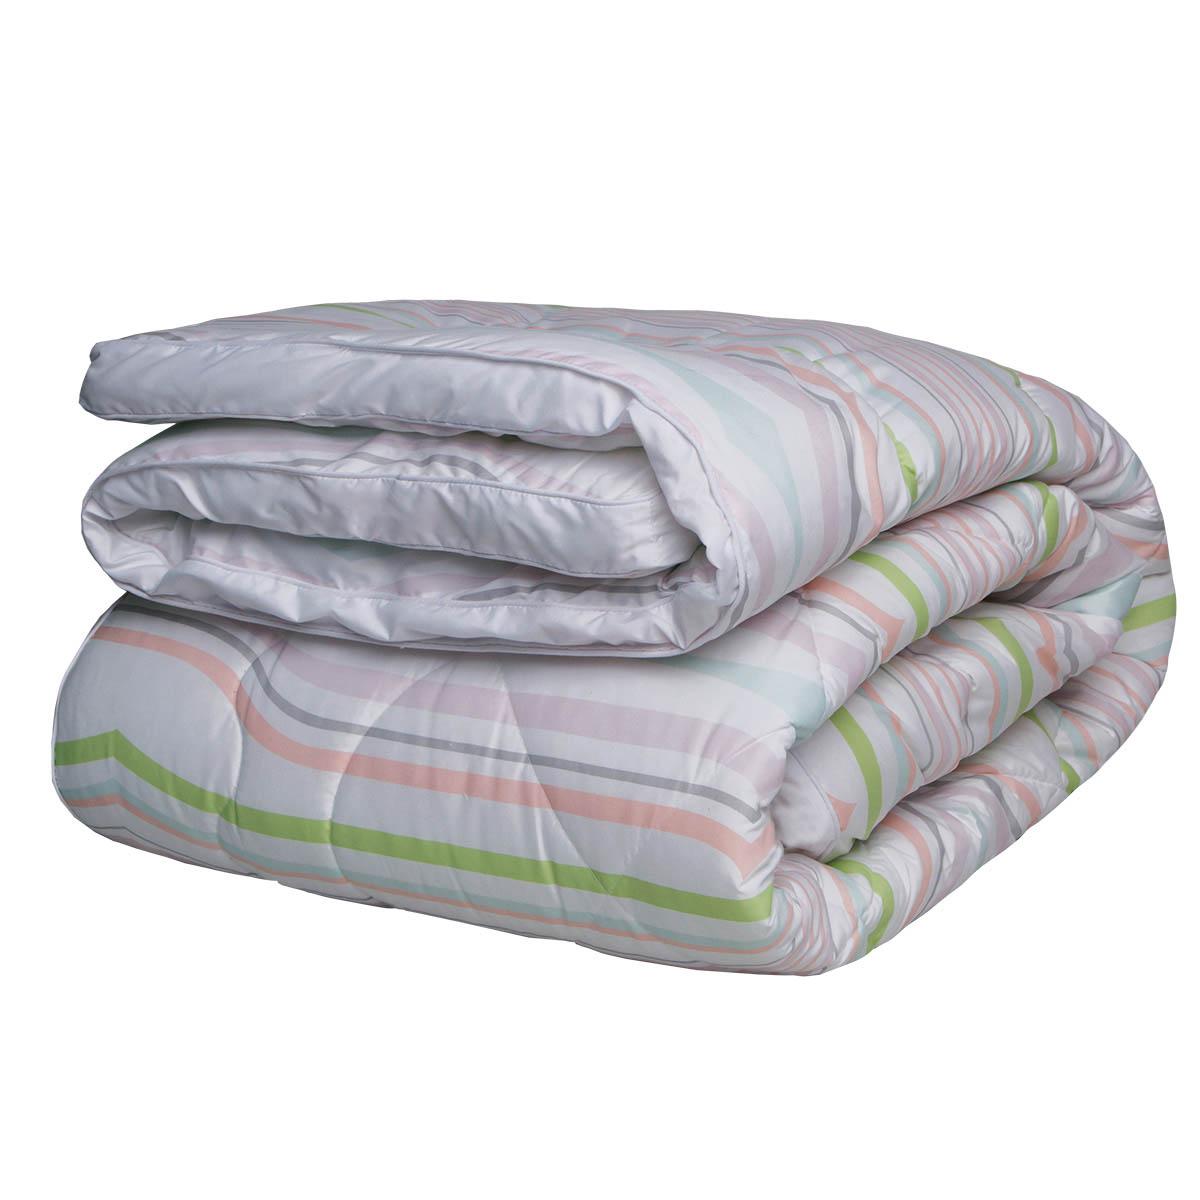 где купить Одеяла Mona Liza Одеяло Secret Gardens Всесезонное (195х215 см) по лучшей цене